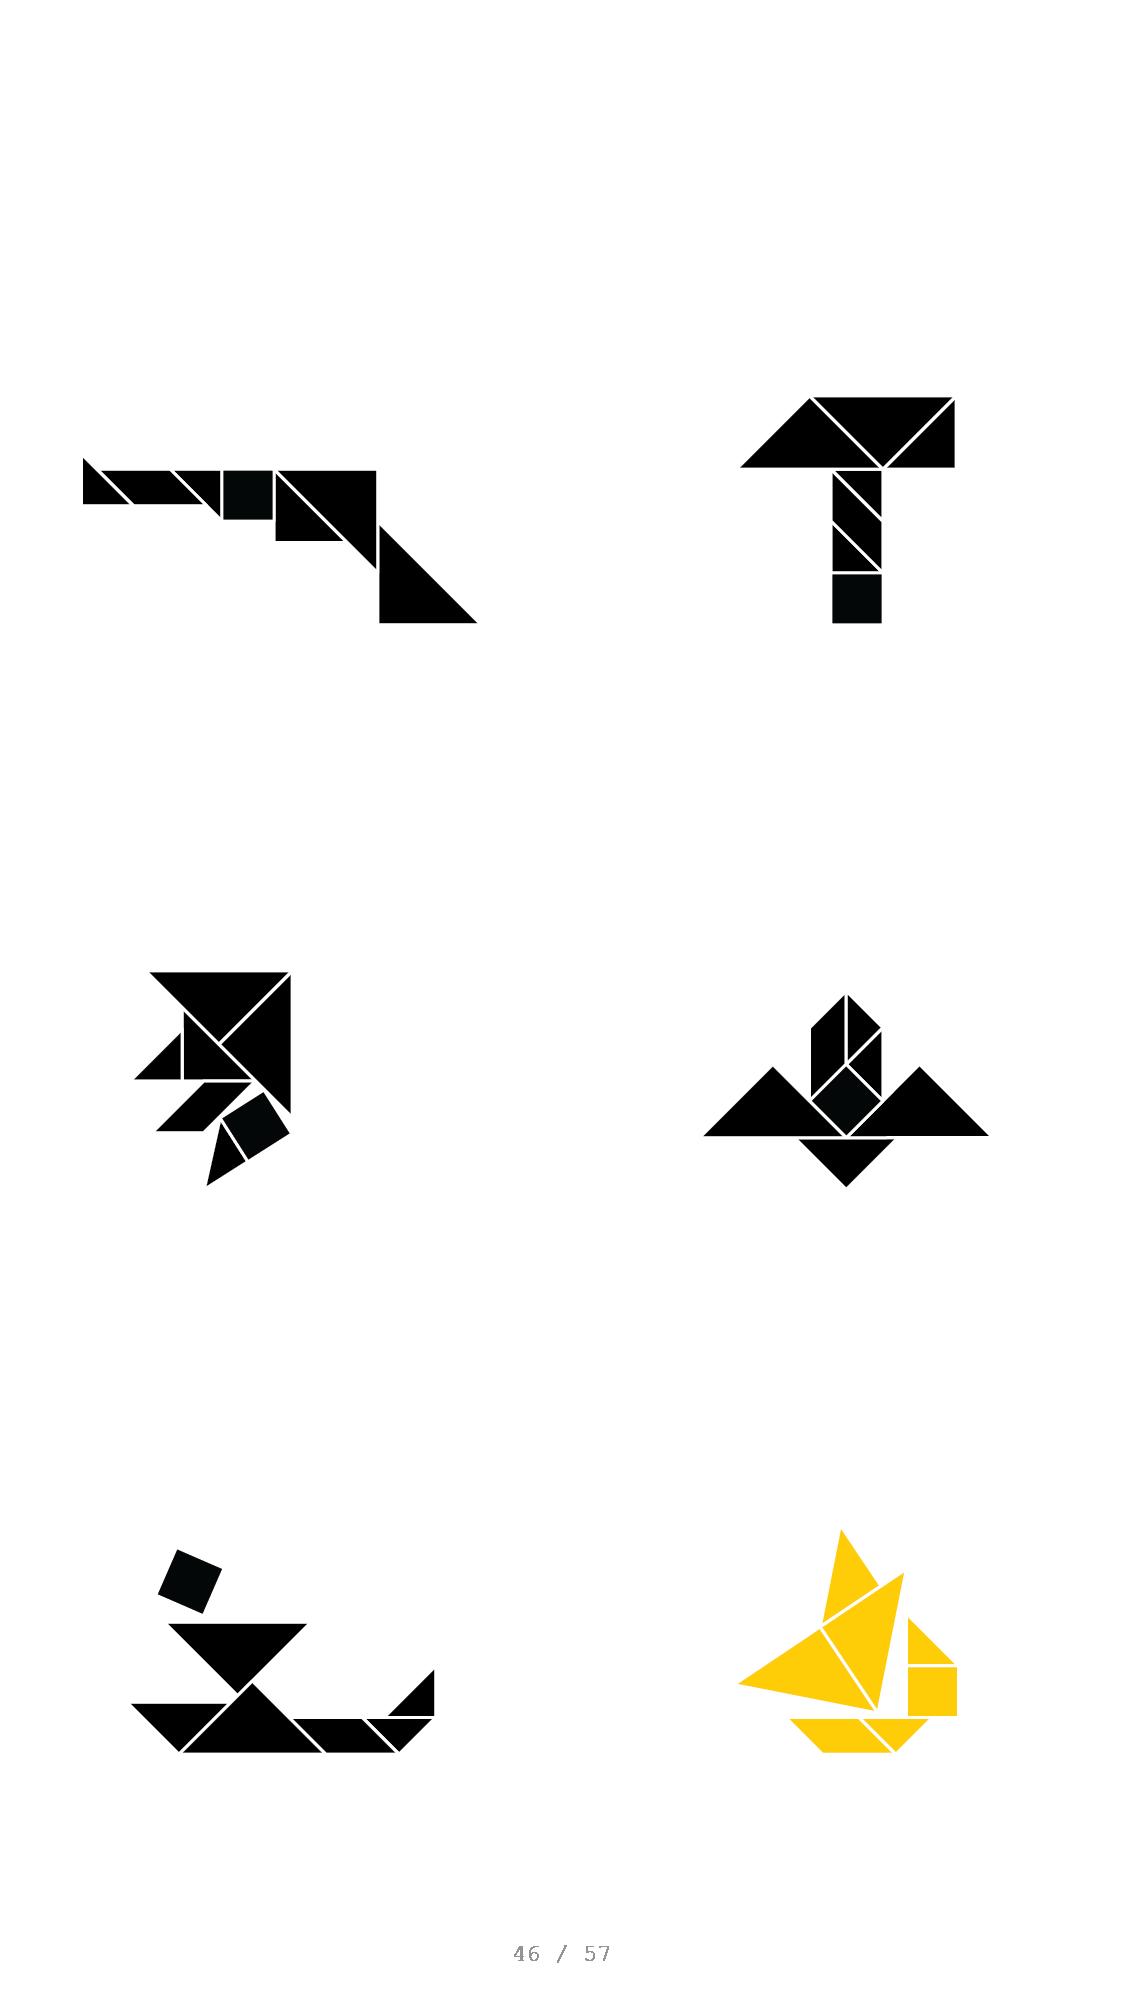 Tangram_Layout_2x3_schwarz-46